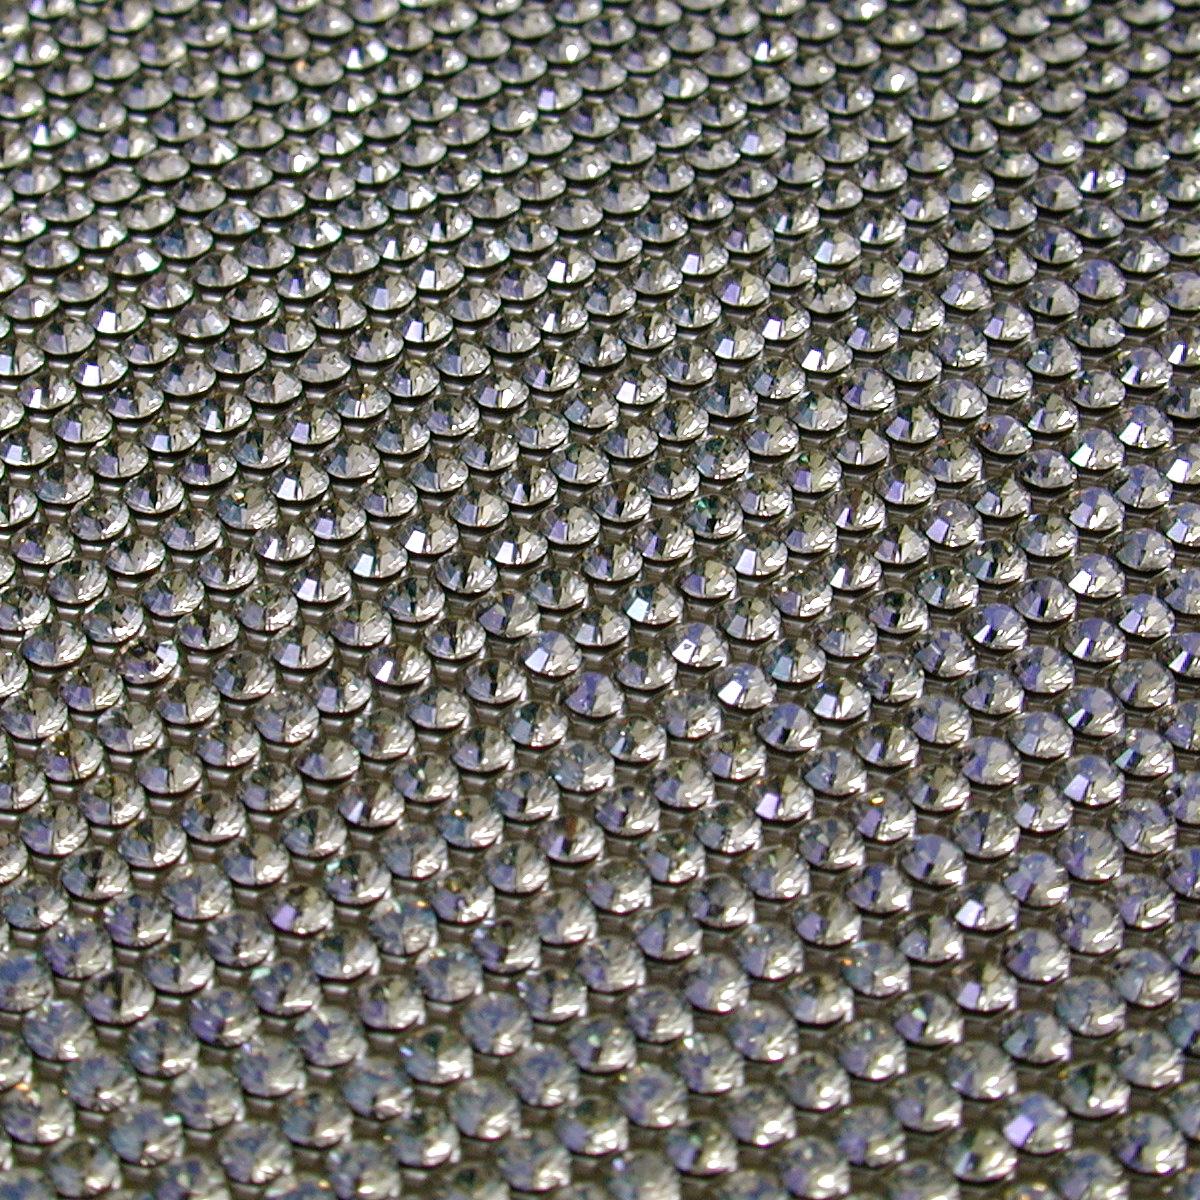 Swarovski Elements Crystal Mesh into jewelry